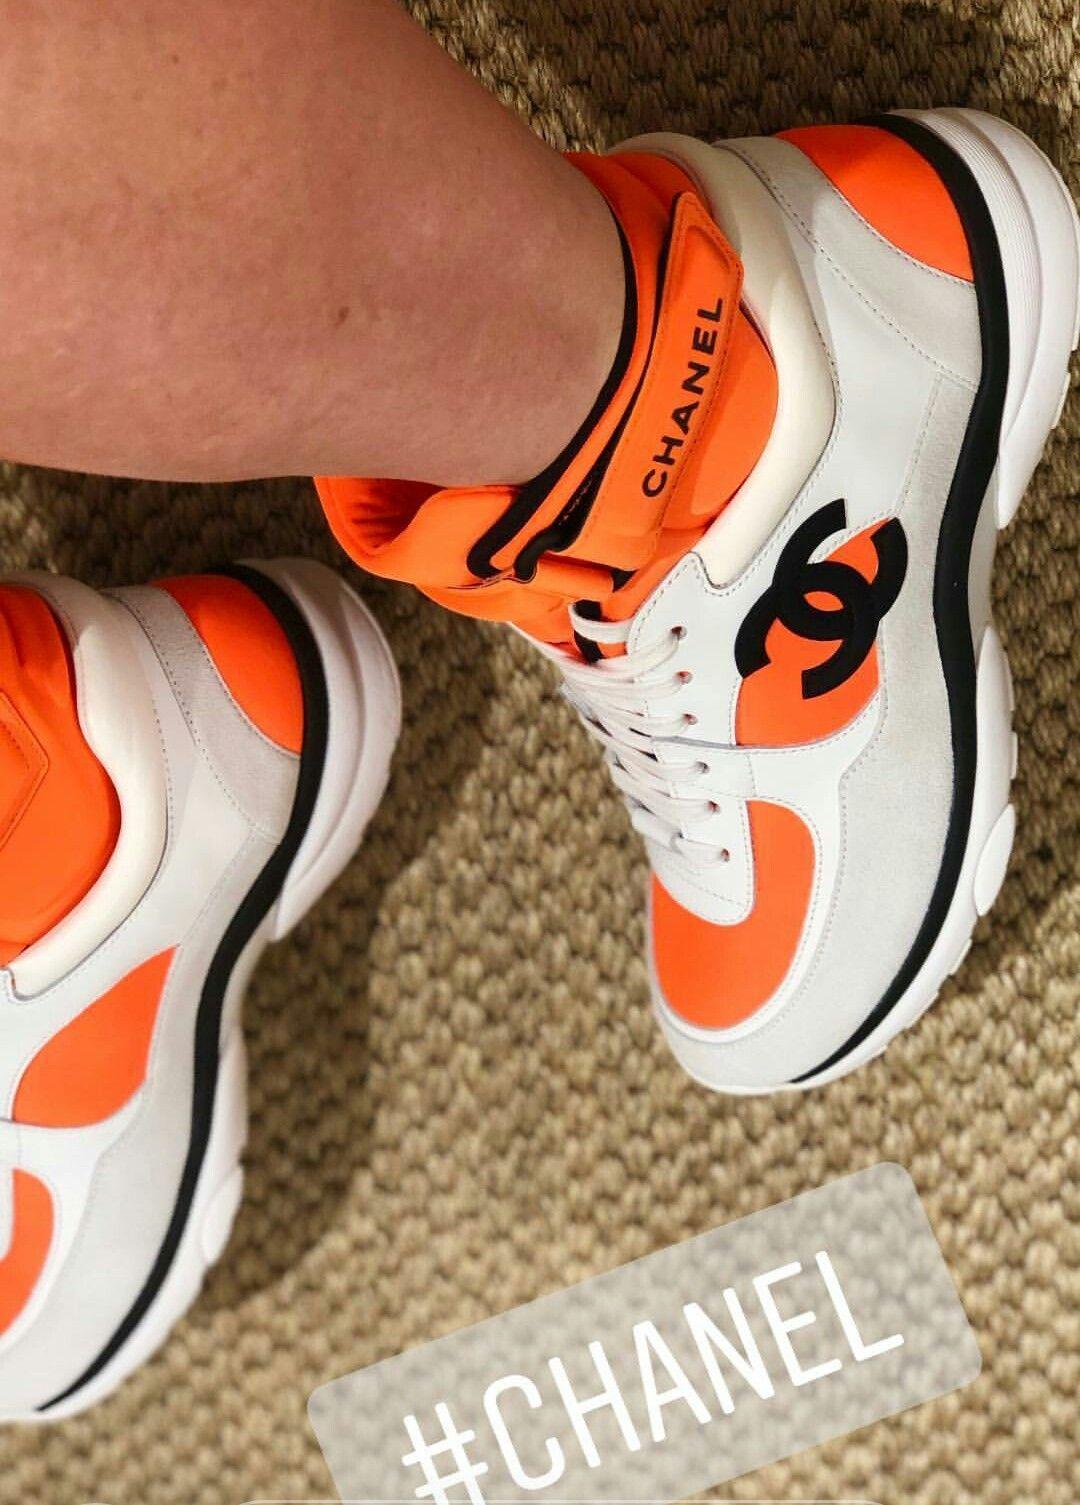 Chanel sneaker Orange | Chanel sneakers